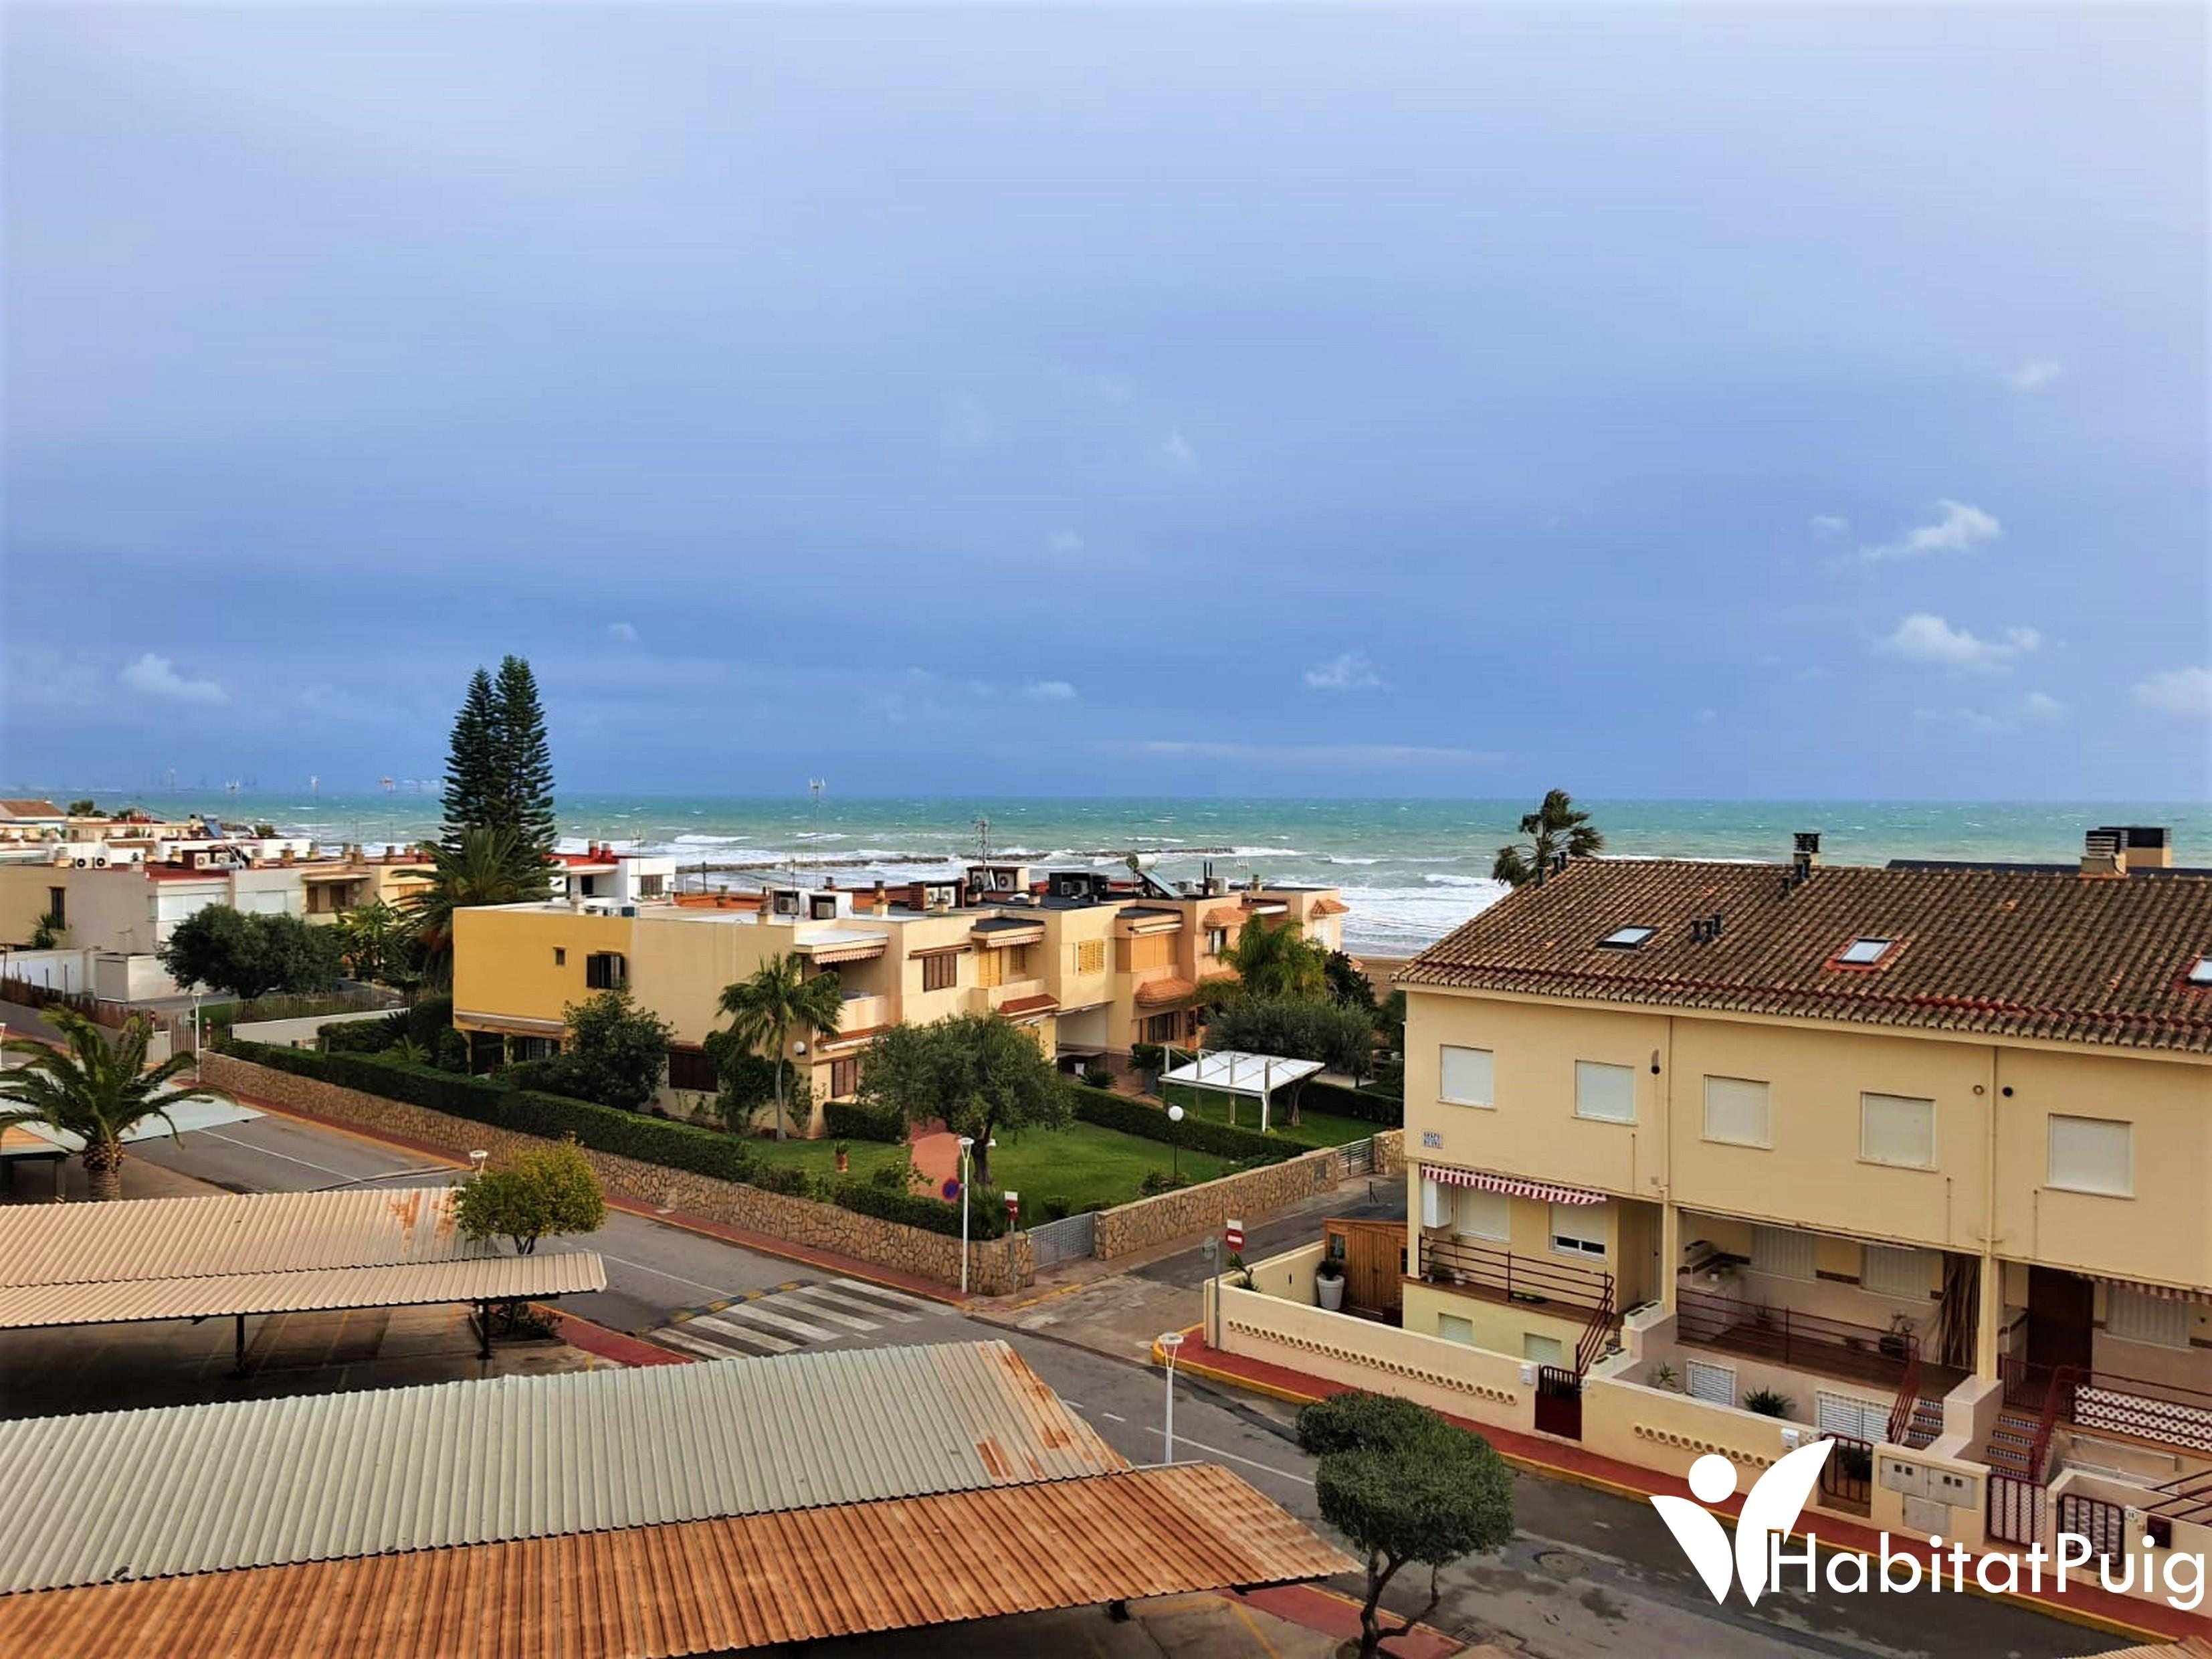 Lloguer Pis  Urbanización mar plata. Apartamento en alquiler frente al mar